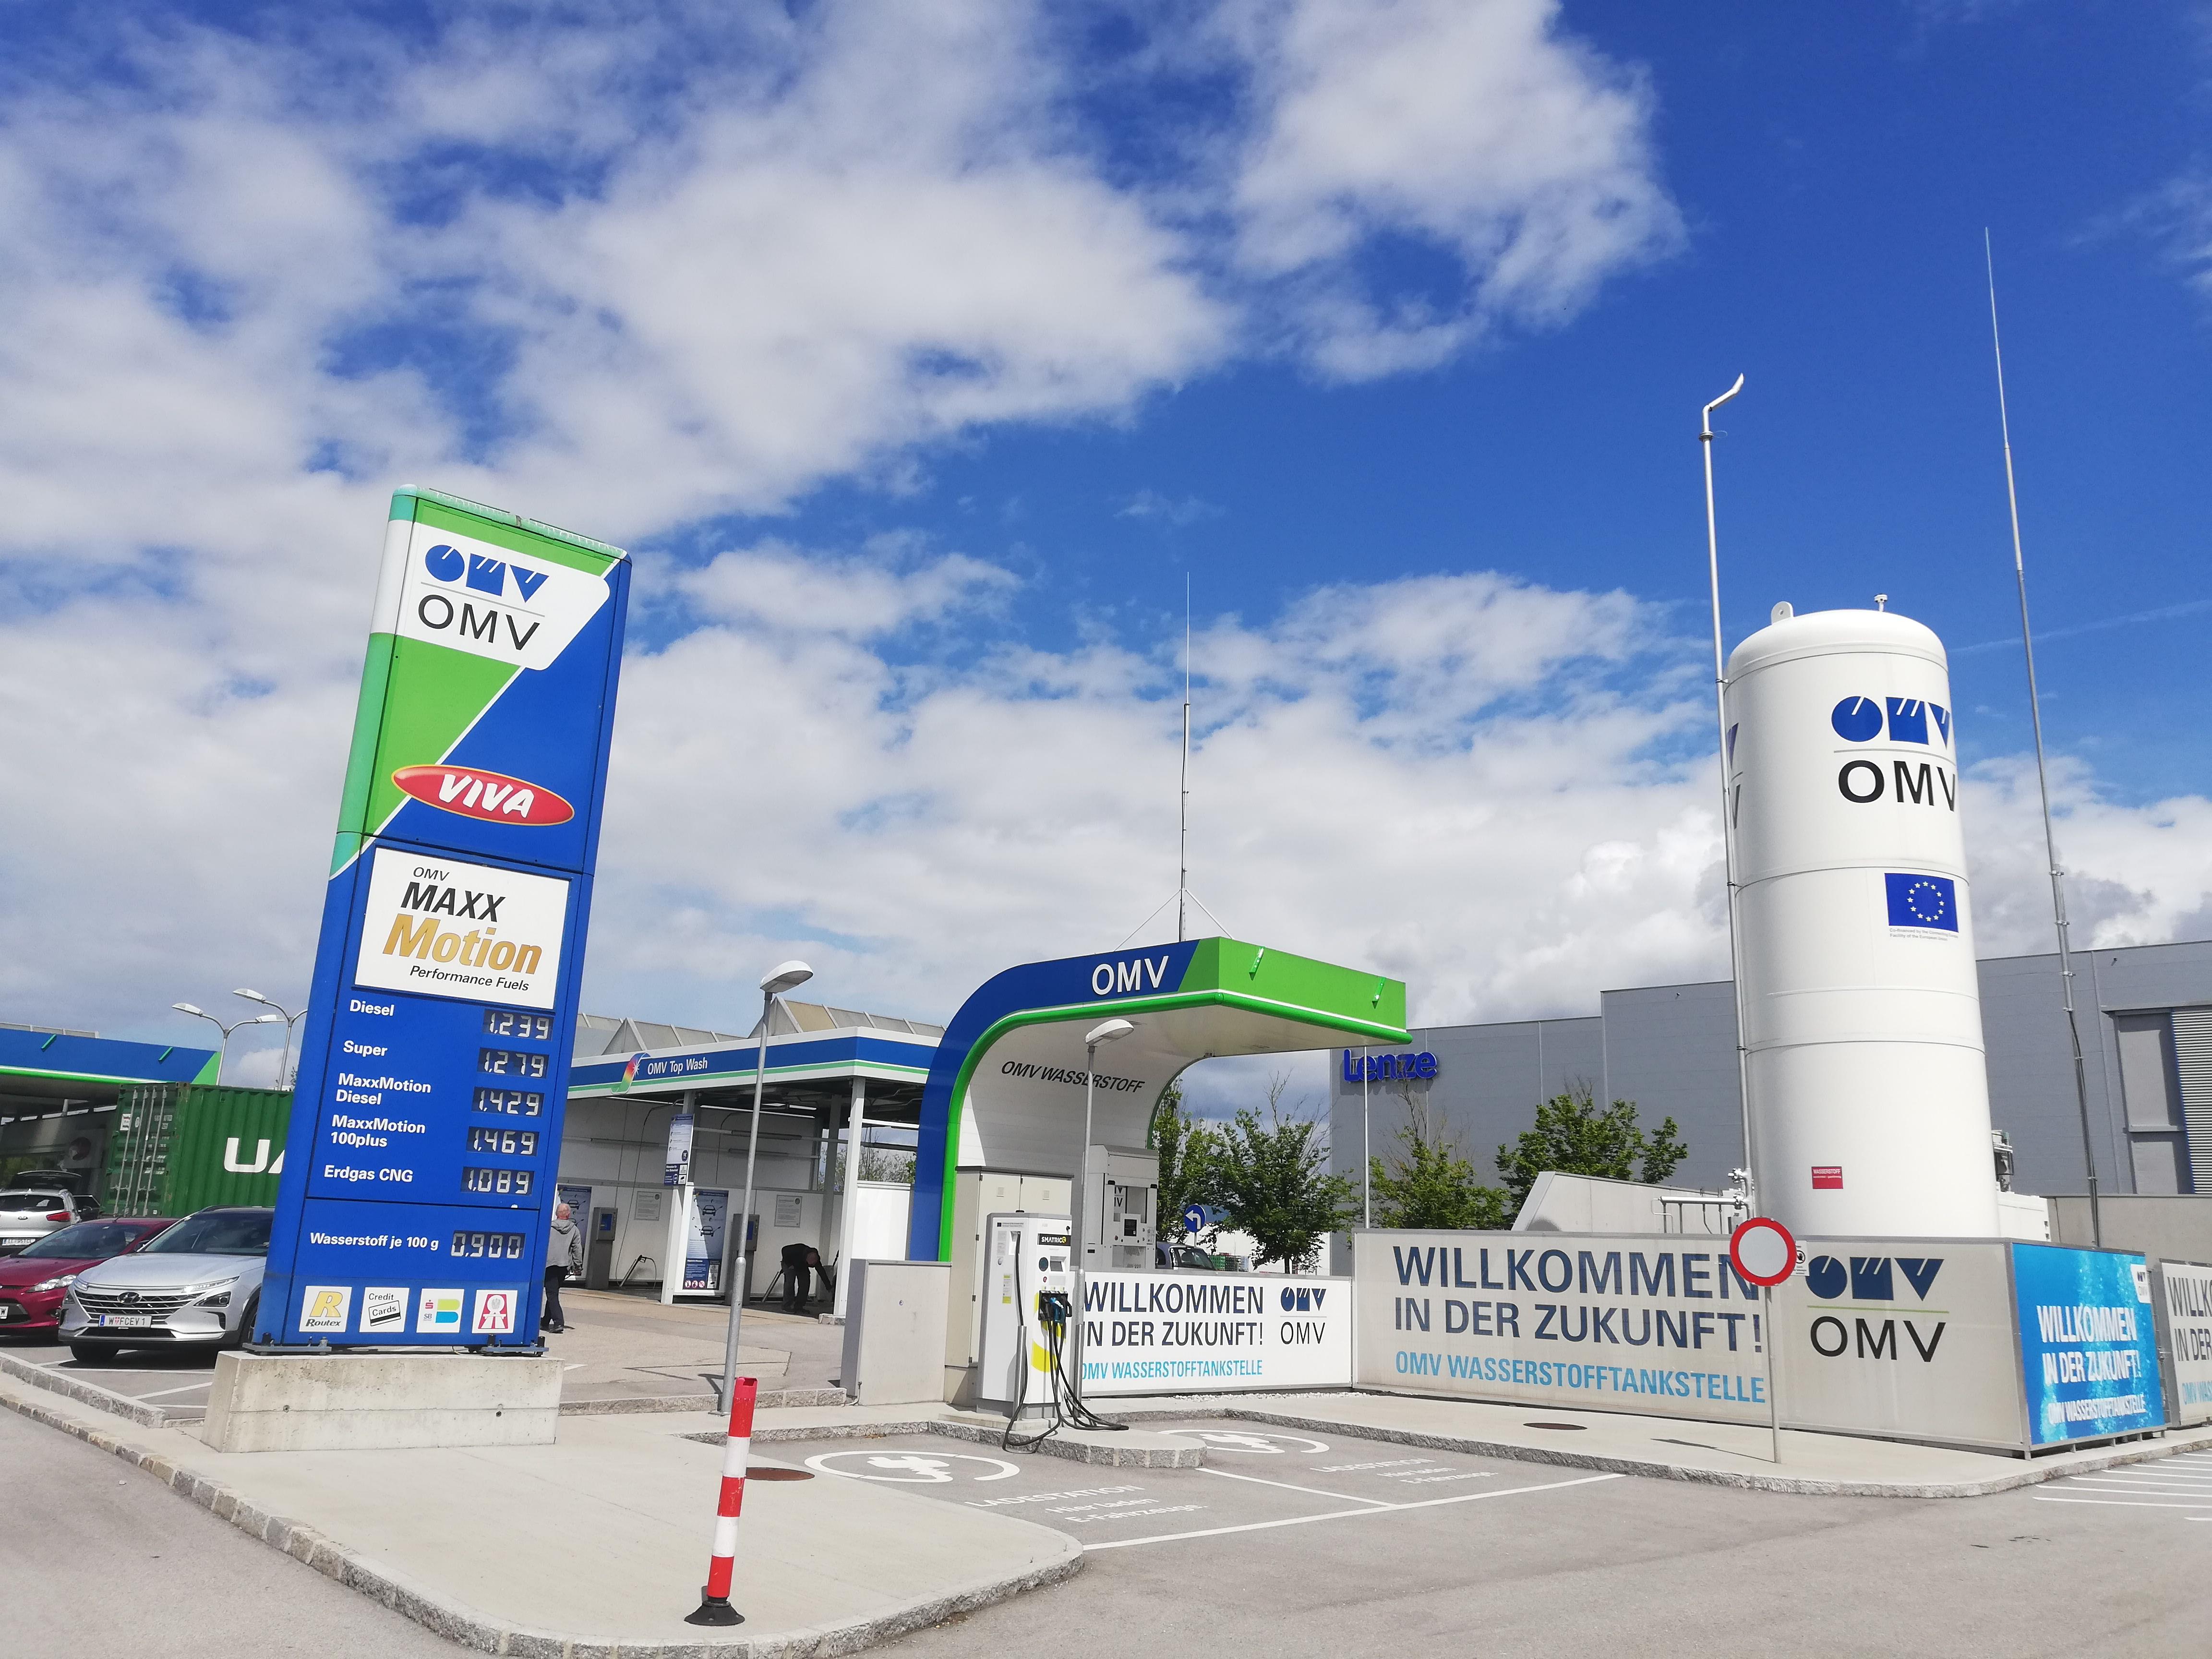 hyundai-nexo-range-test-hydrochan-Vienna-Offenbach-Innsbruck_wasserstoff tankstelle linz asten st florian omv